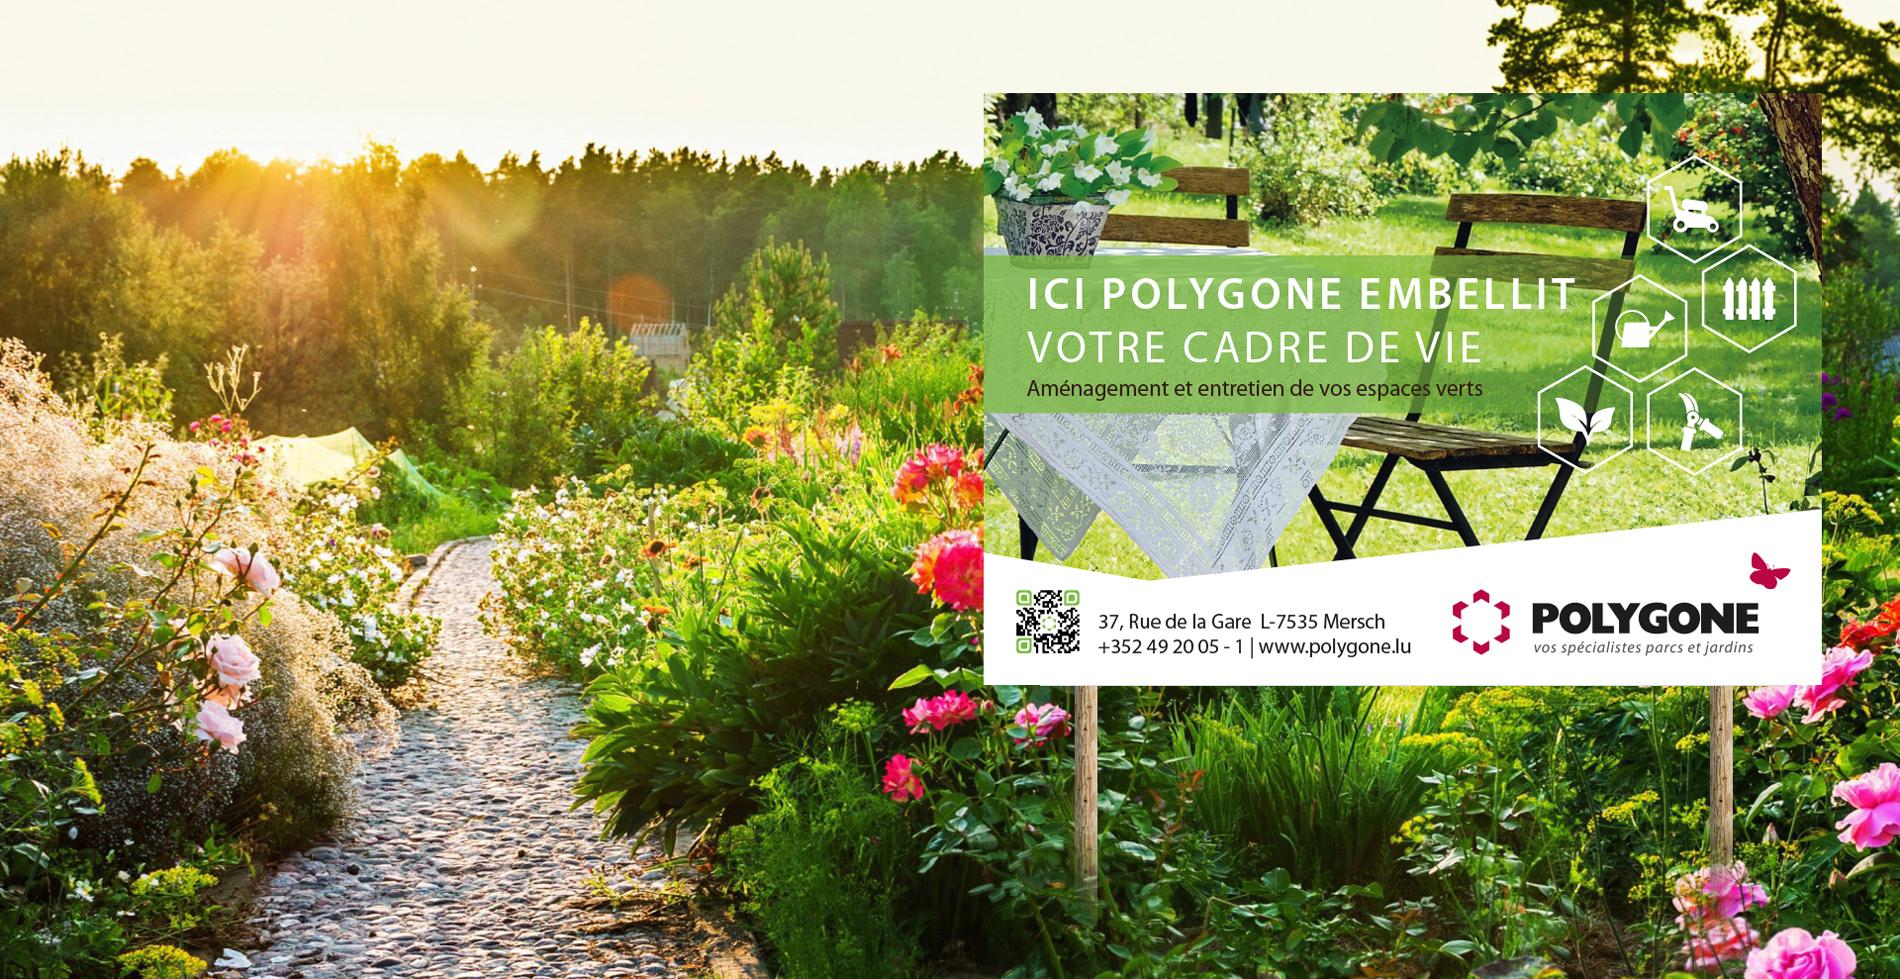 Parc et jardin polygone for Entreprise parc et jardin